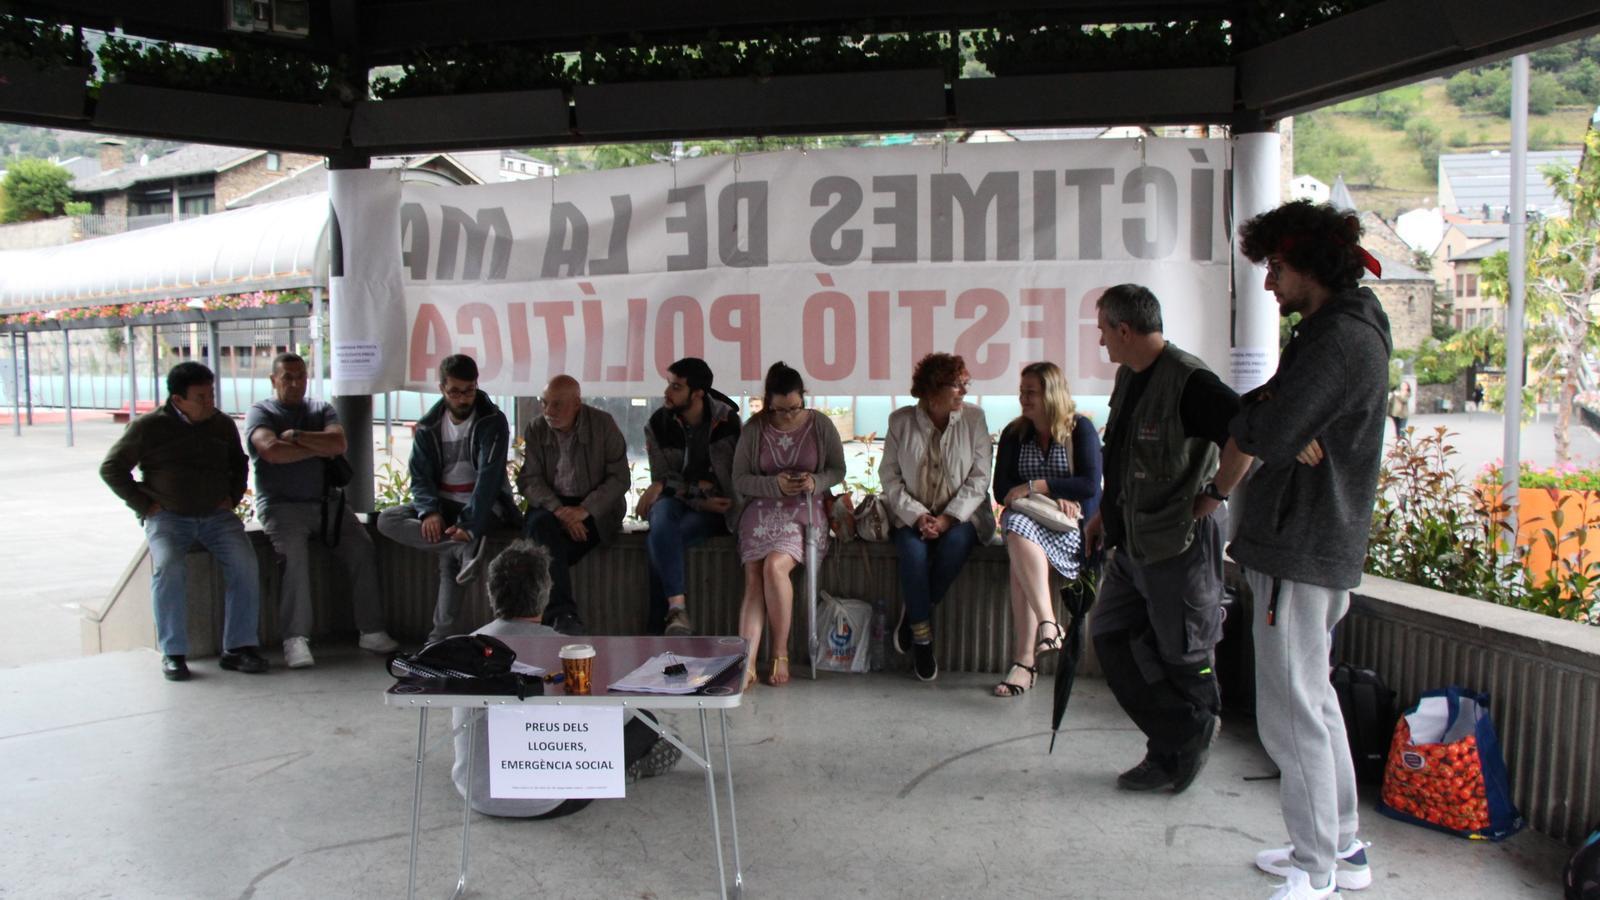 L'acampada de protesta a la plaça del Poble. / ARA ANDORRA